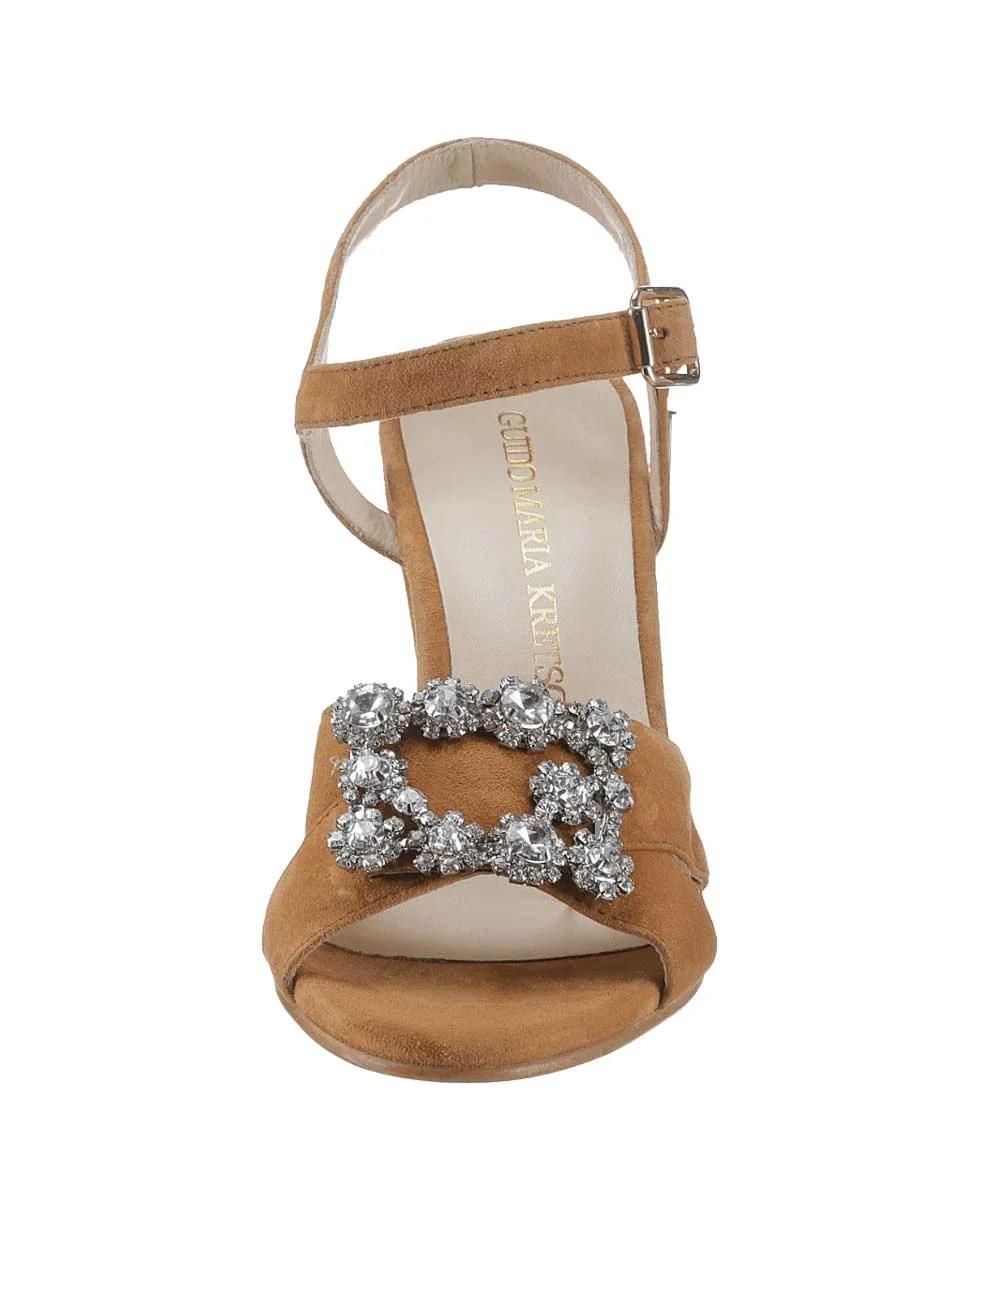 931.405 GUIDO MARIA KRETSCHMER Damen Designer-Sandalette m. Strass Cognac